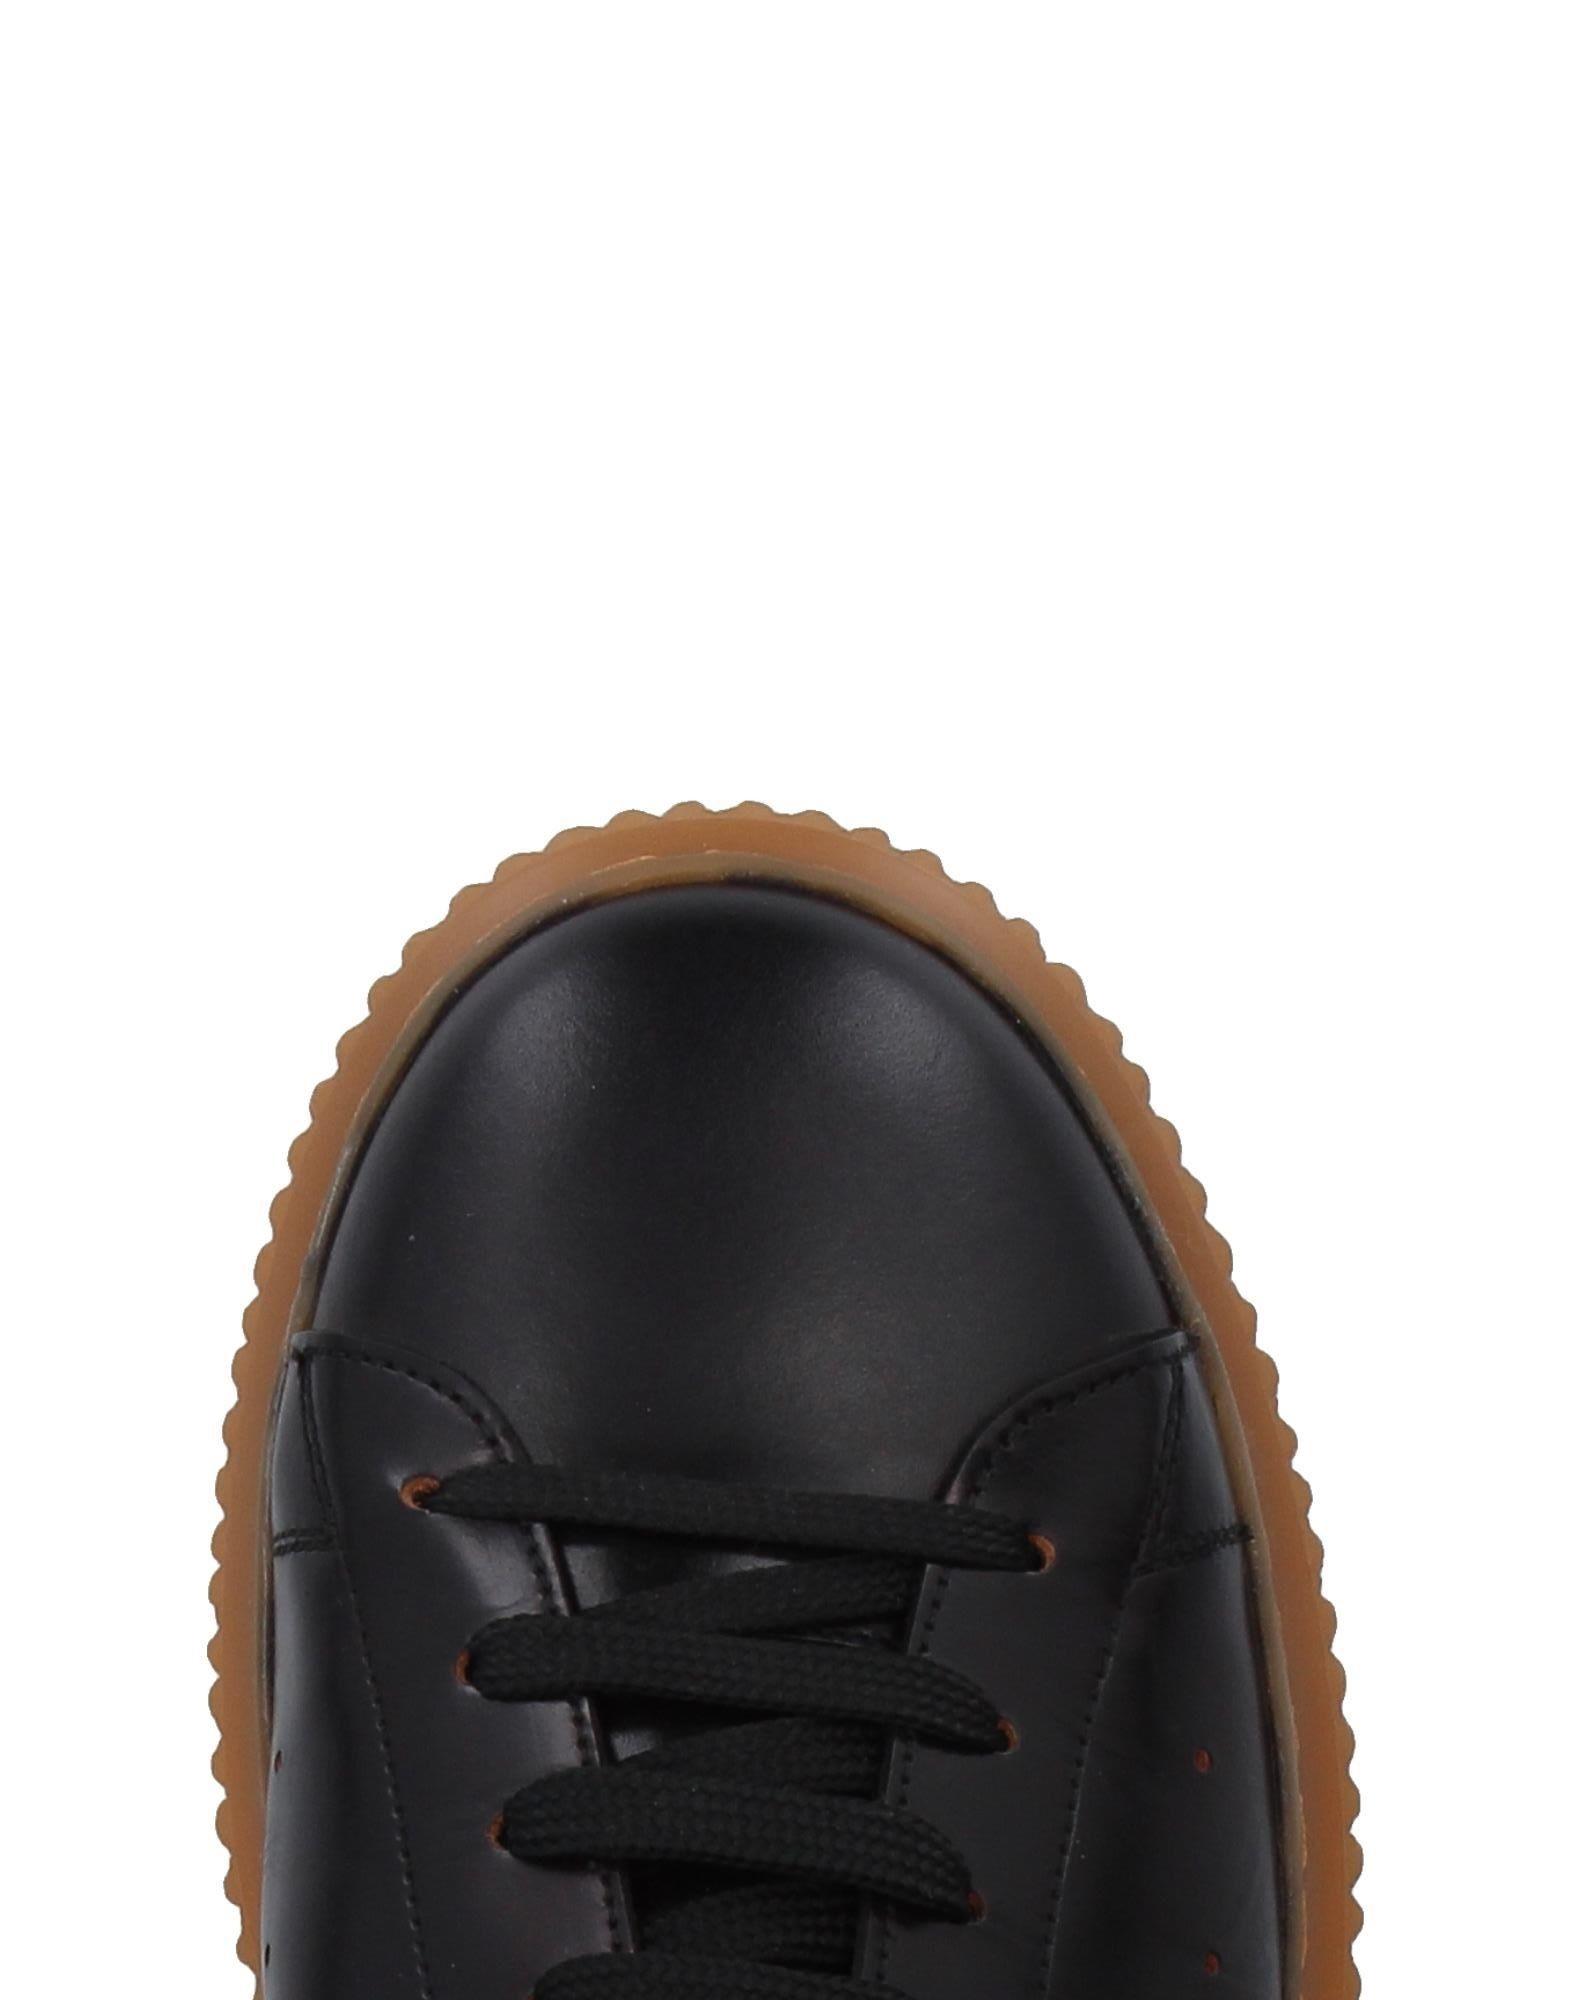 Officine Creative Herren Italia Sneakers Herren Creative  11384253WT 56fafc